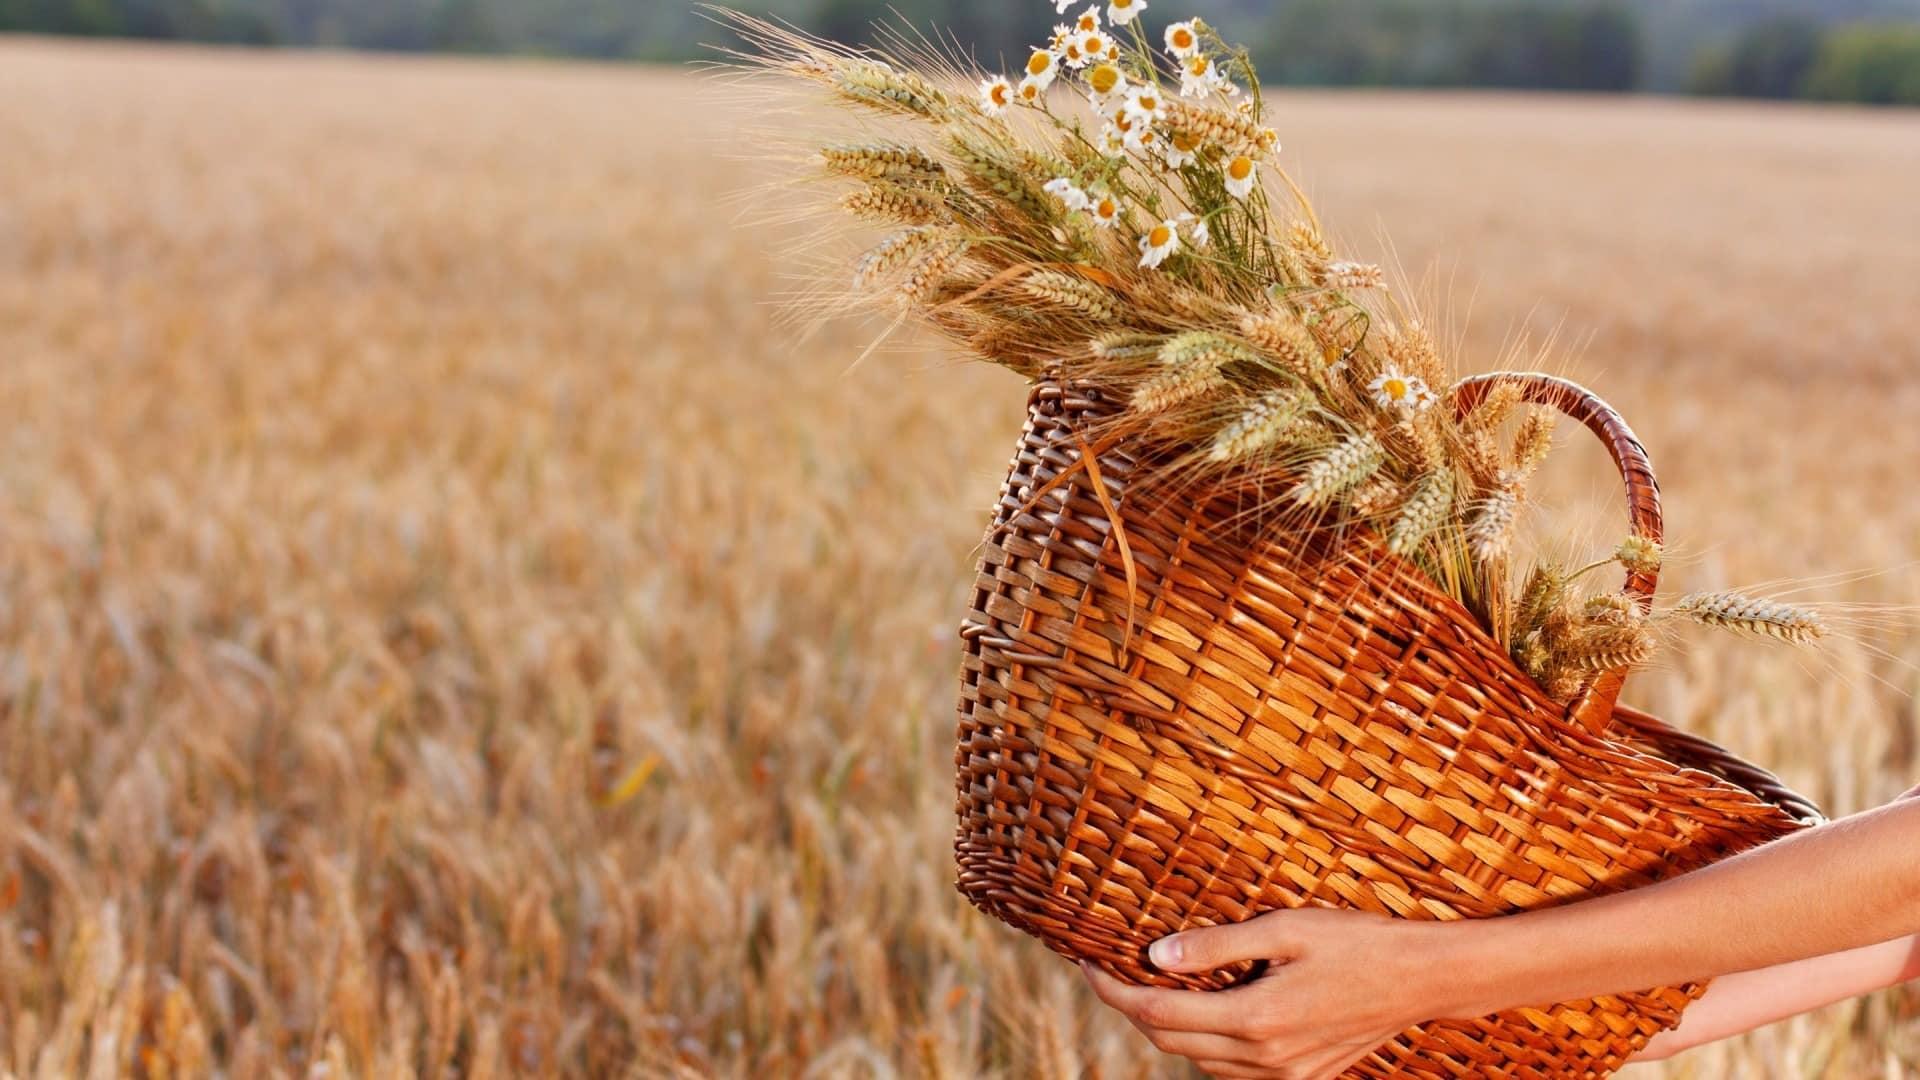 Какой церковный праздник сегодня 18 августа 2020 чтят православные: Евстигней Житник отмечают 18.08.2020